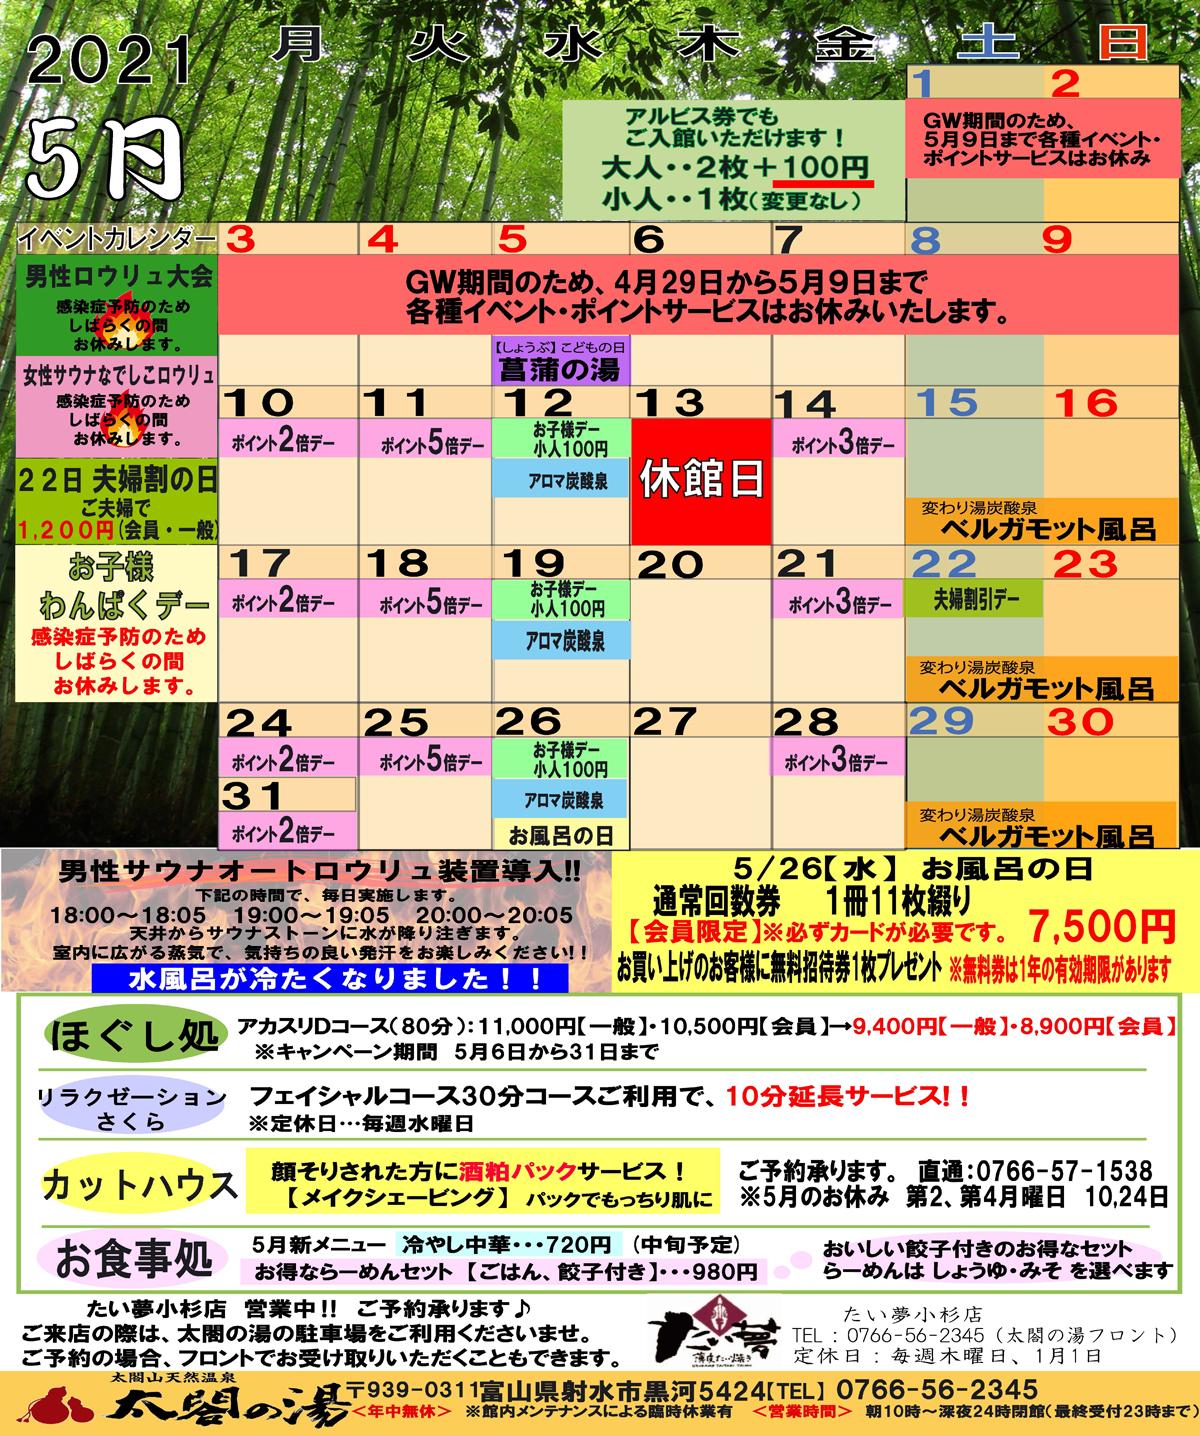 2021年5月カレンダーPDF